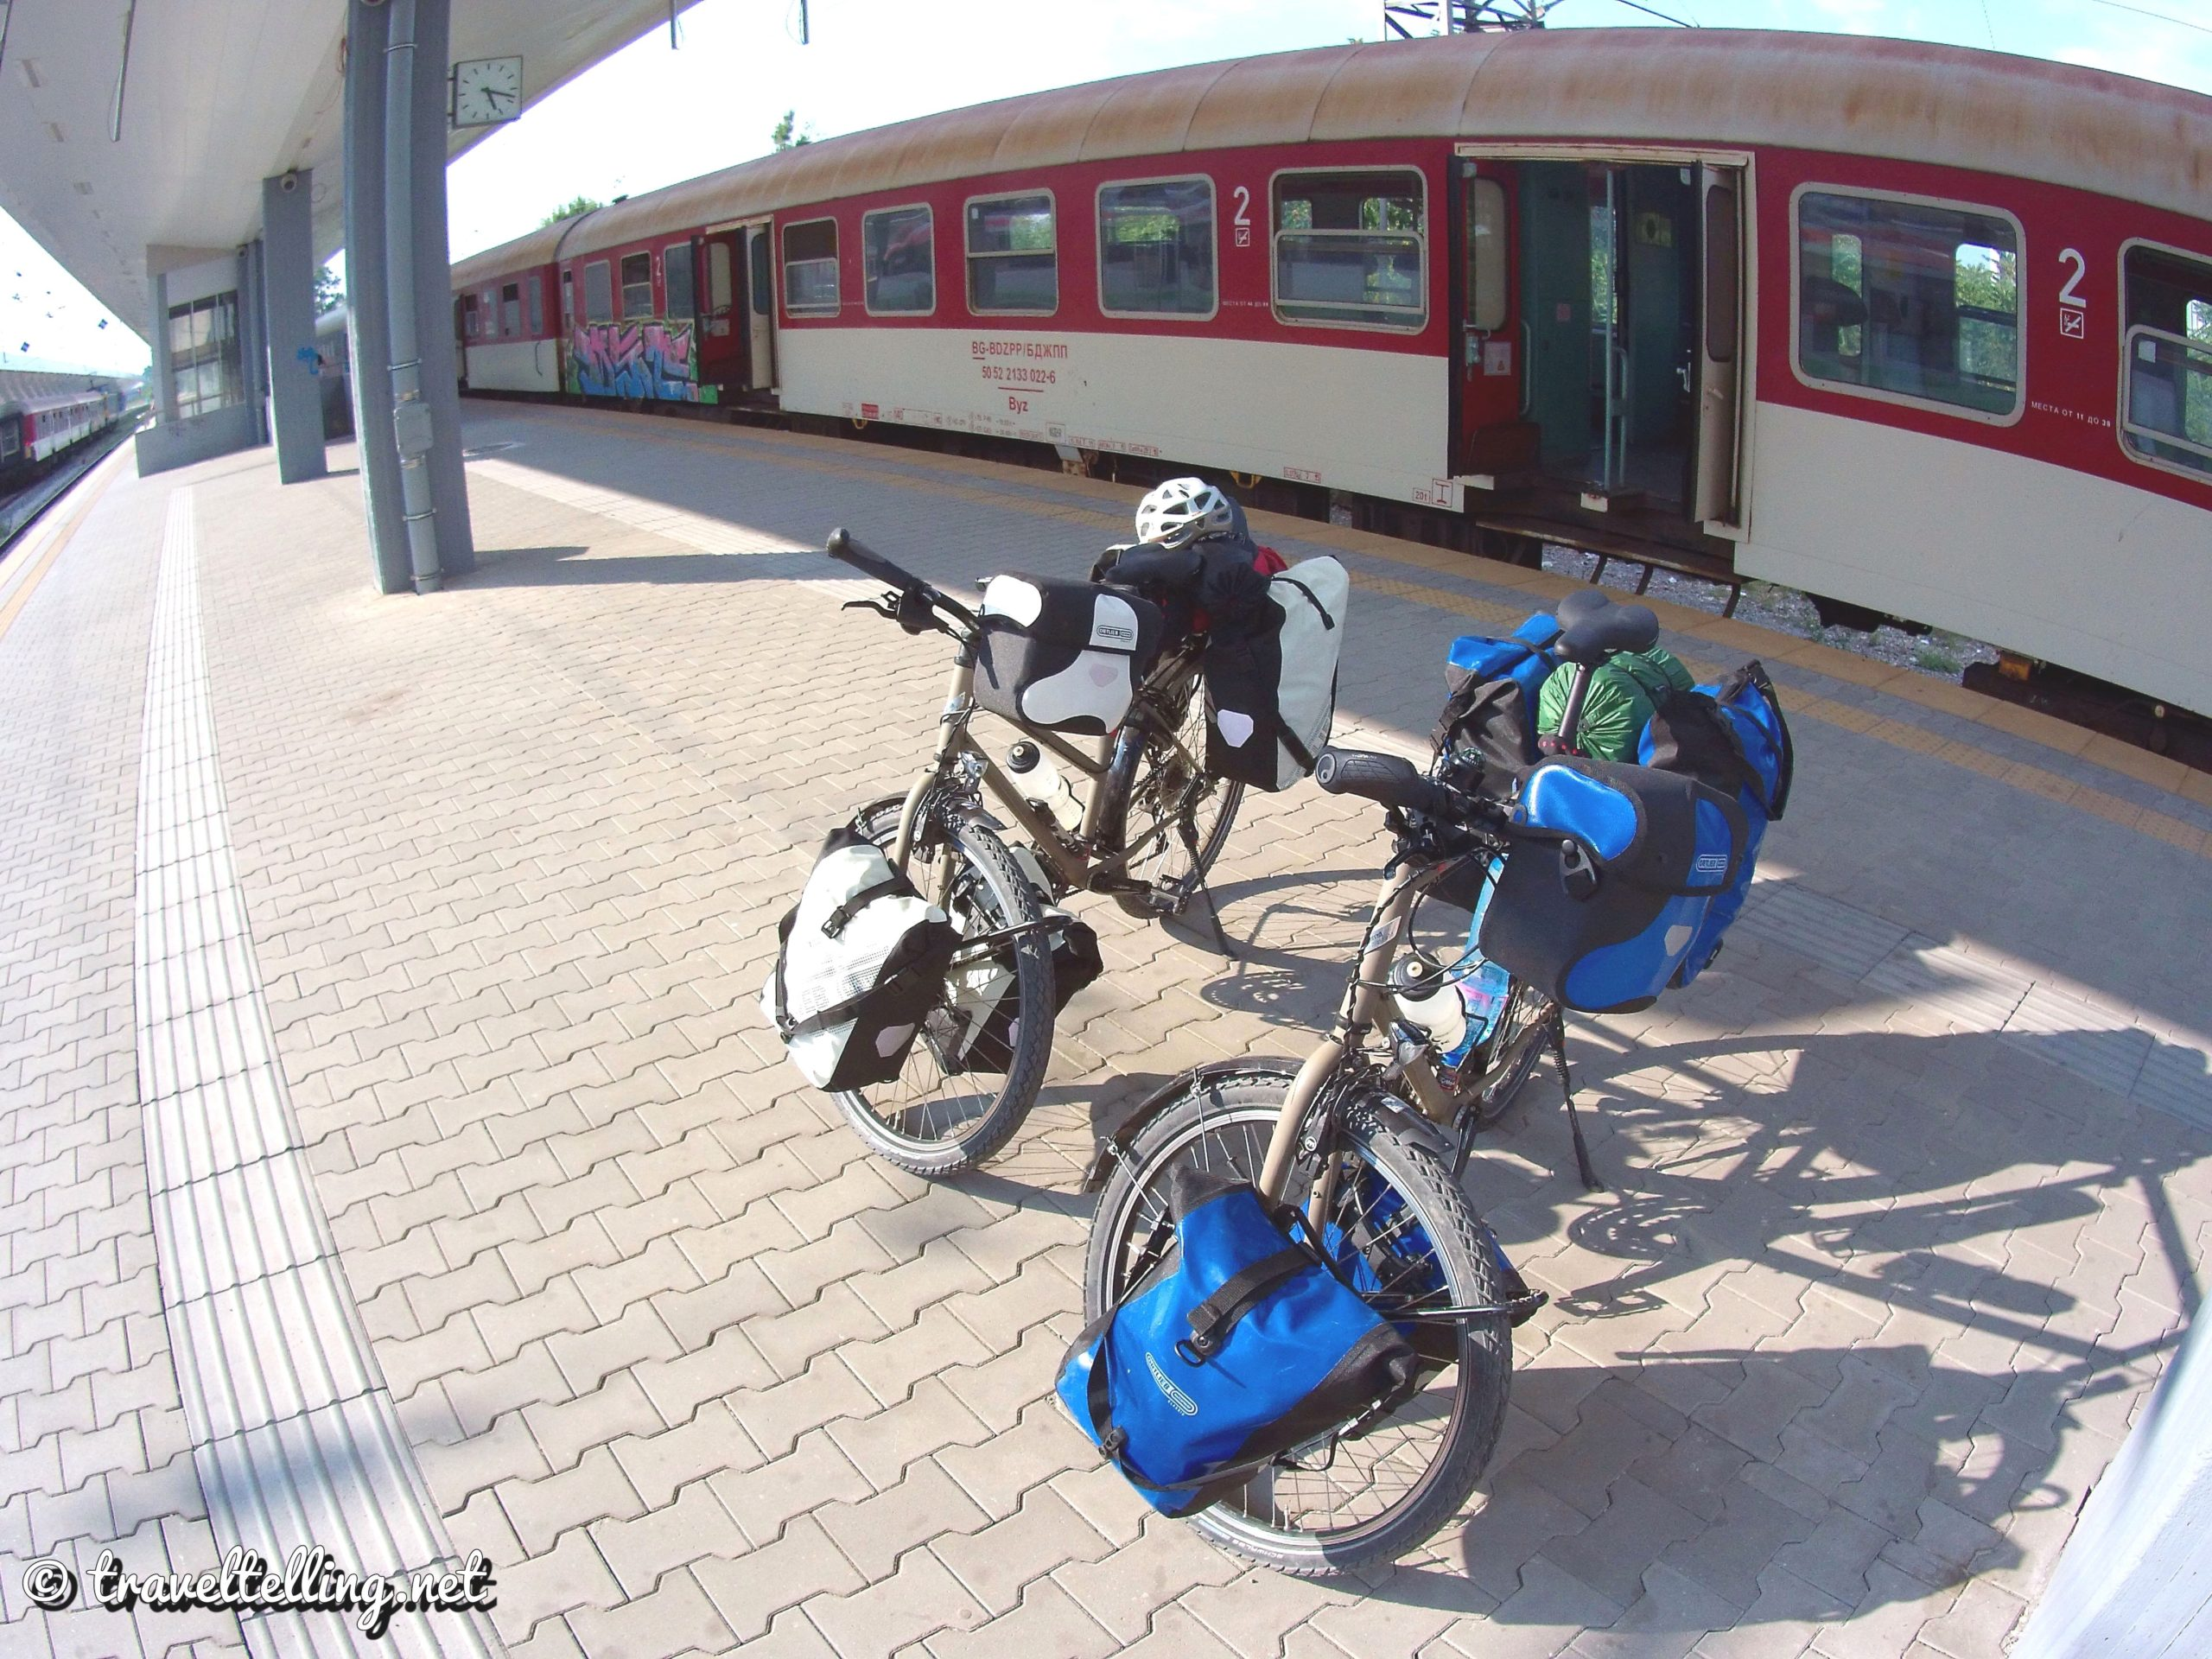 Train to Bucharest - Zugfahrt nach Bukarest